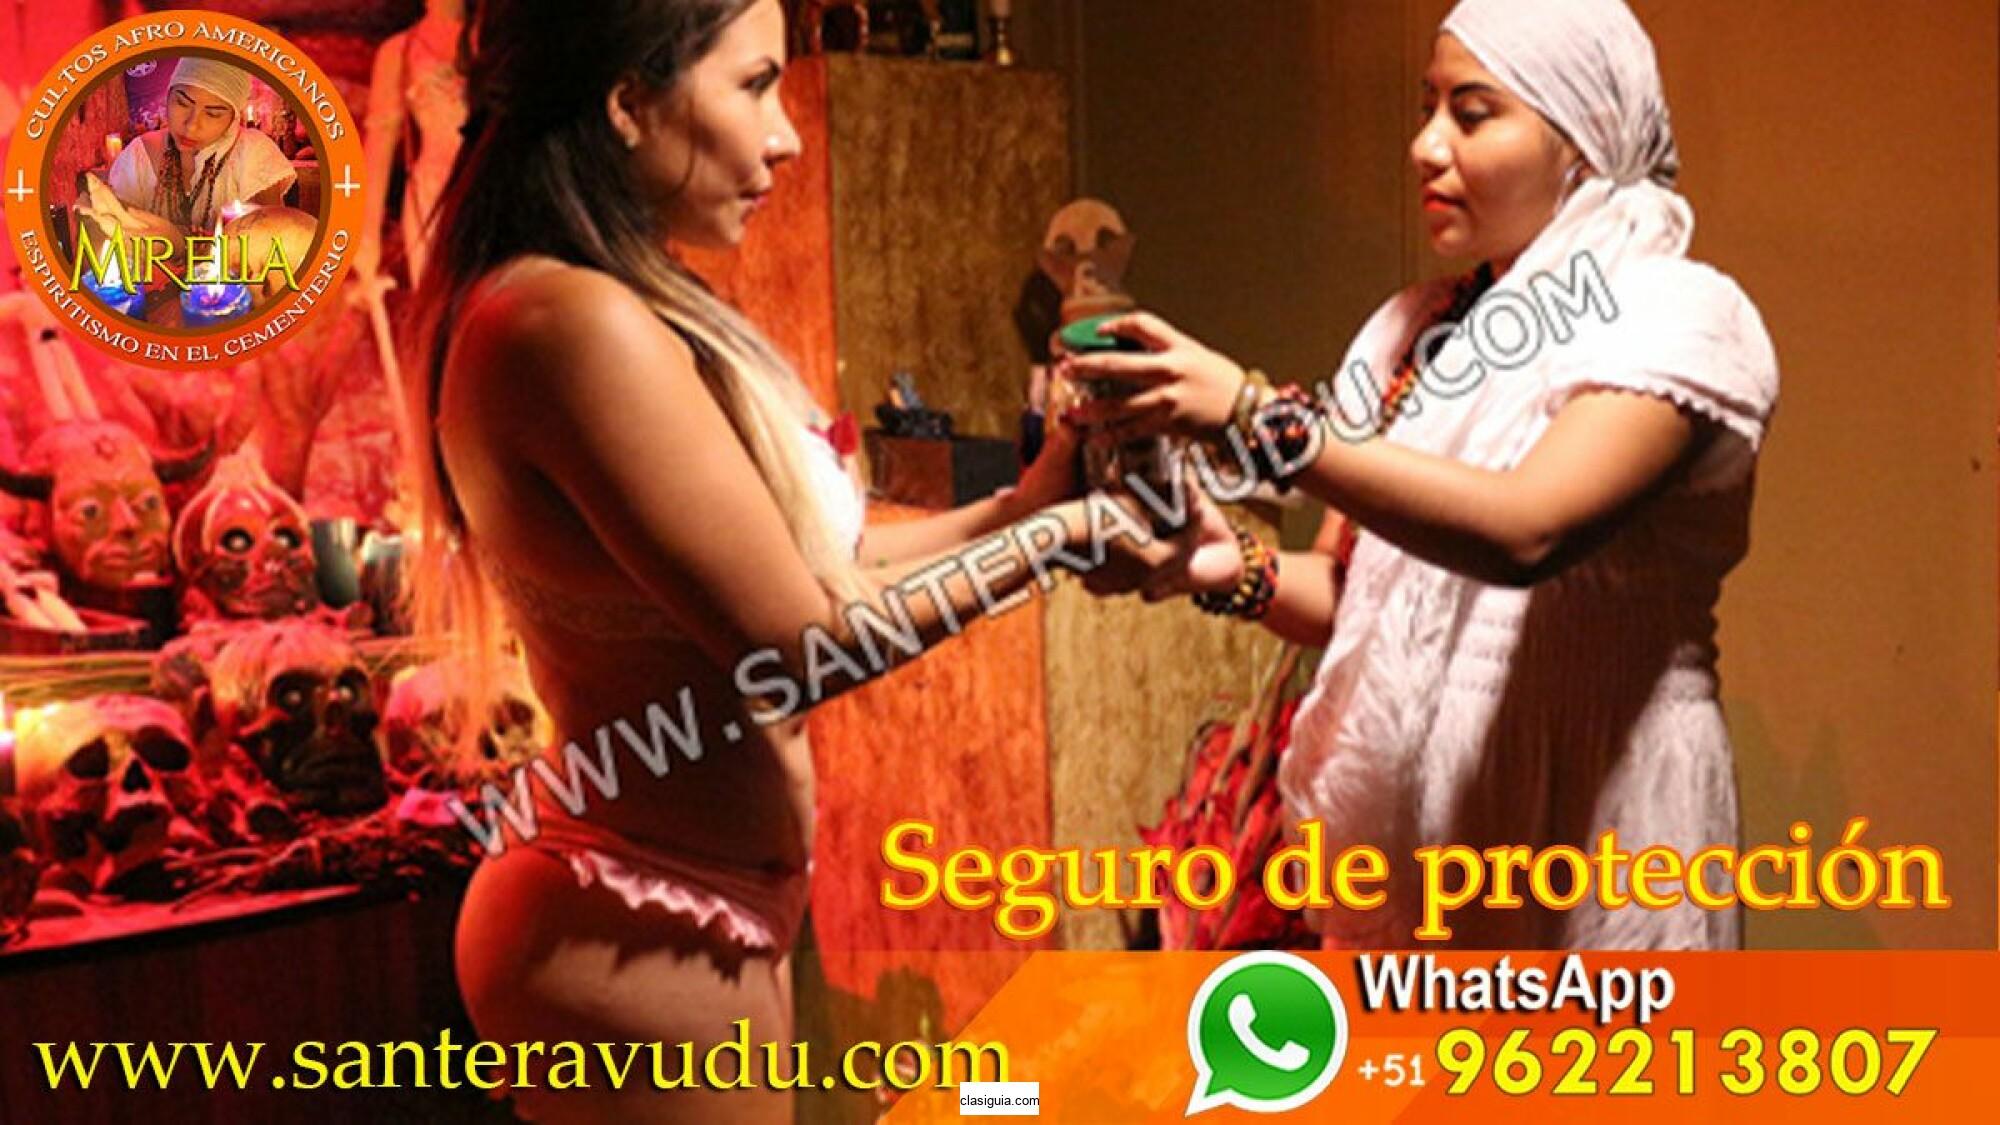 AMARRES DE AMOR SANTERA VUDU MIRELLA